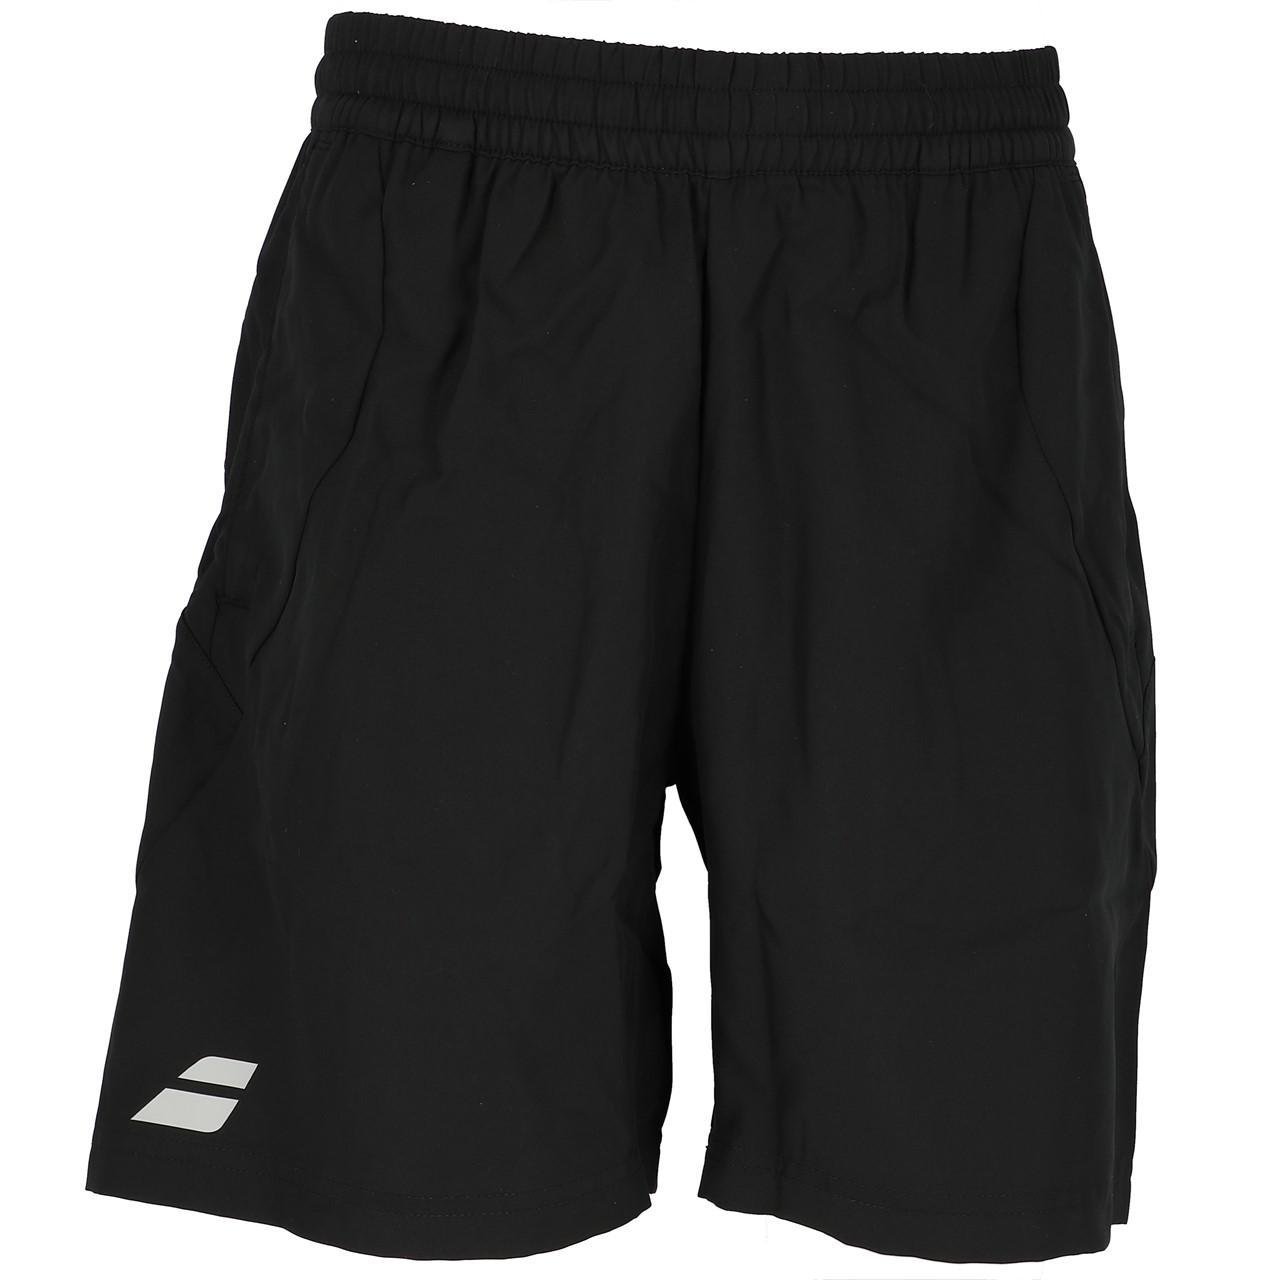 Shorts-Tennis-Babolat-Core-Shorts-8-Men-Black-Black-71700-New